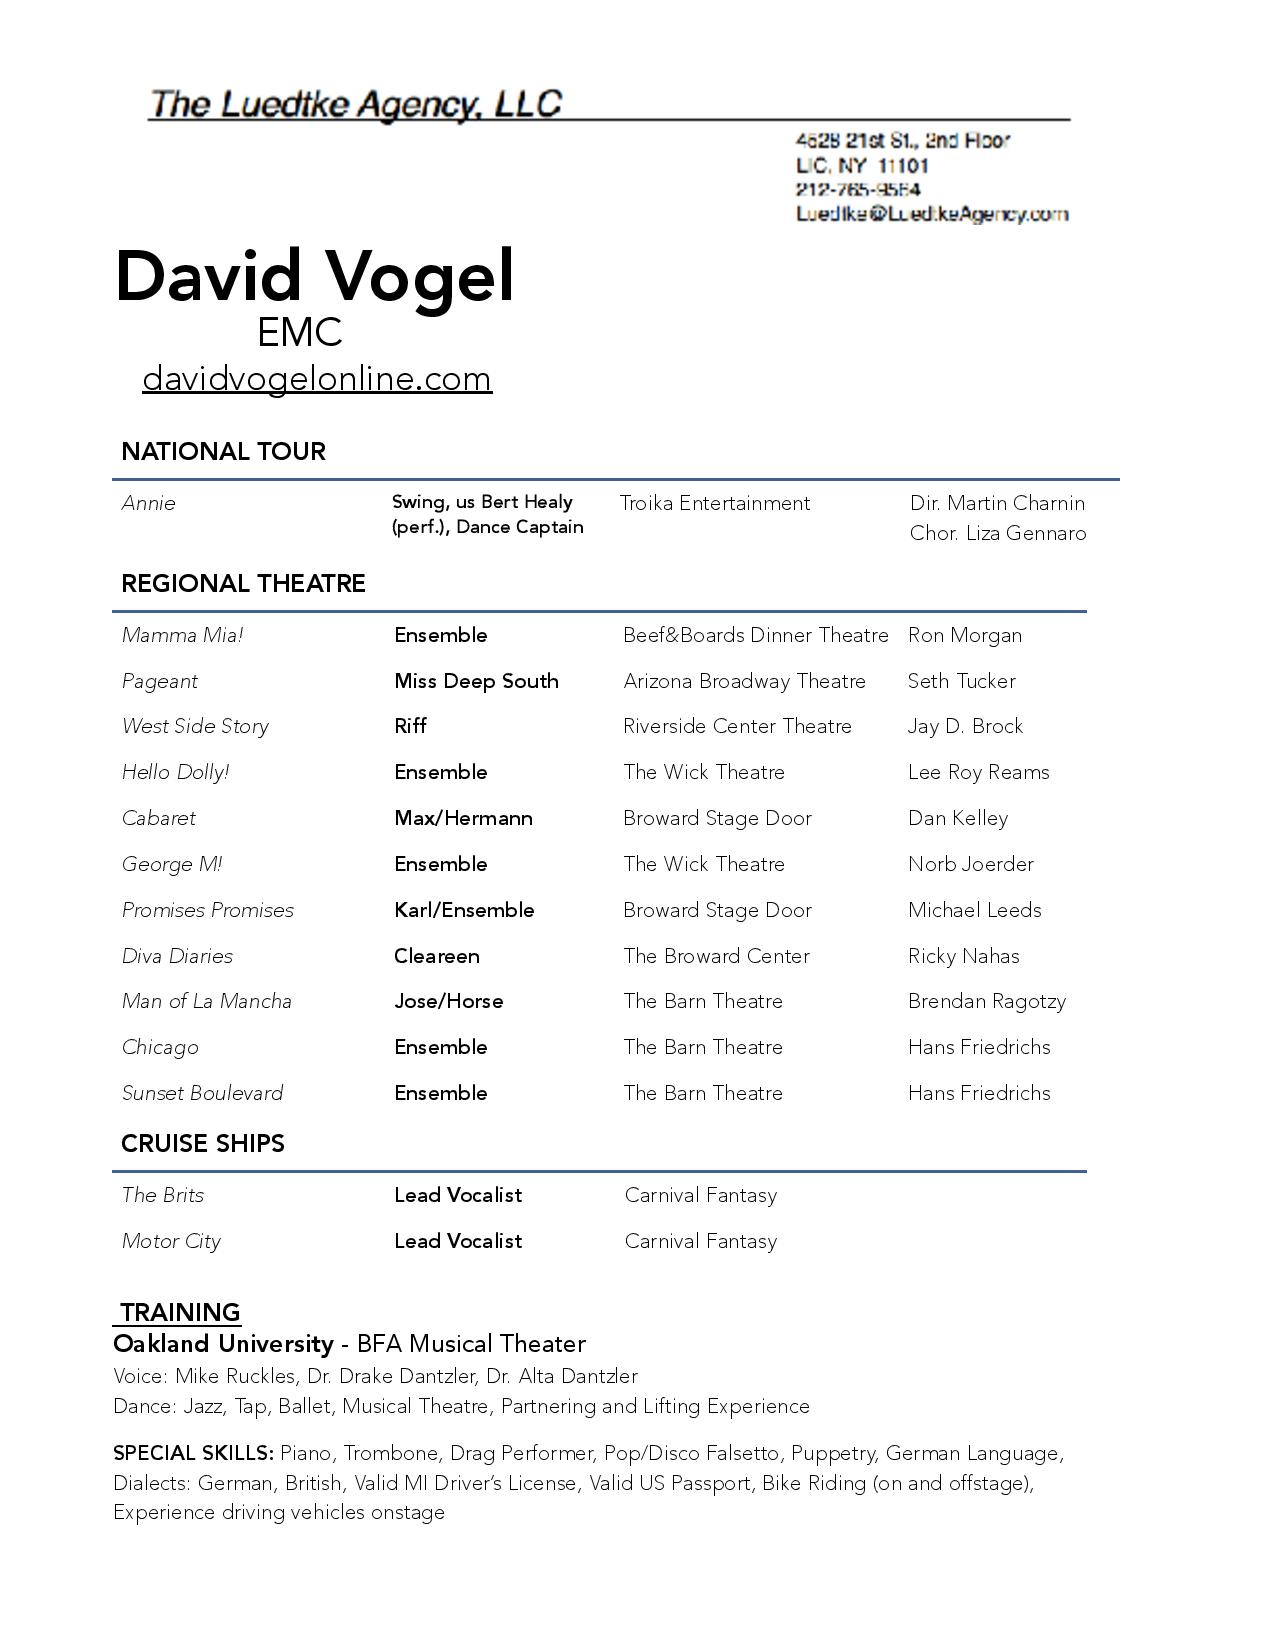 DVOGELRESUME-page-001.jpg